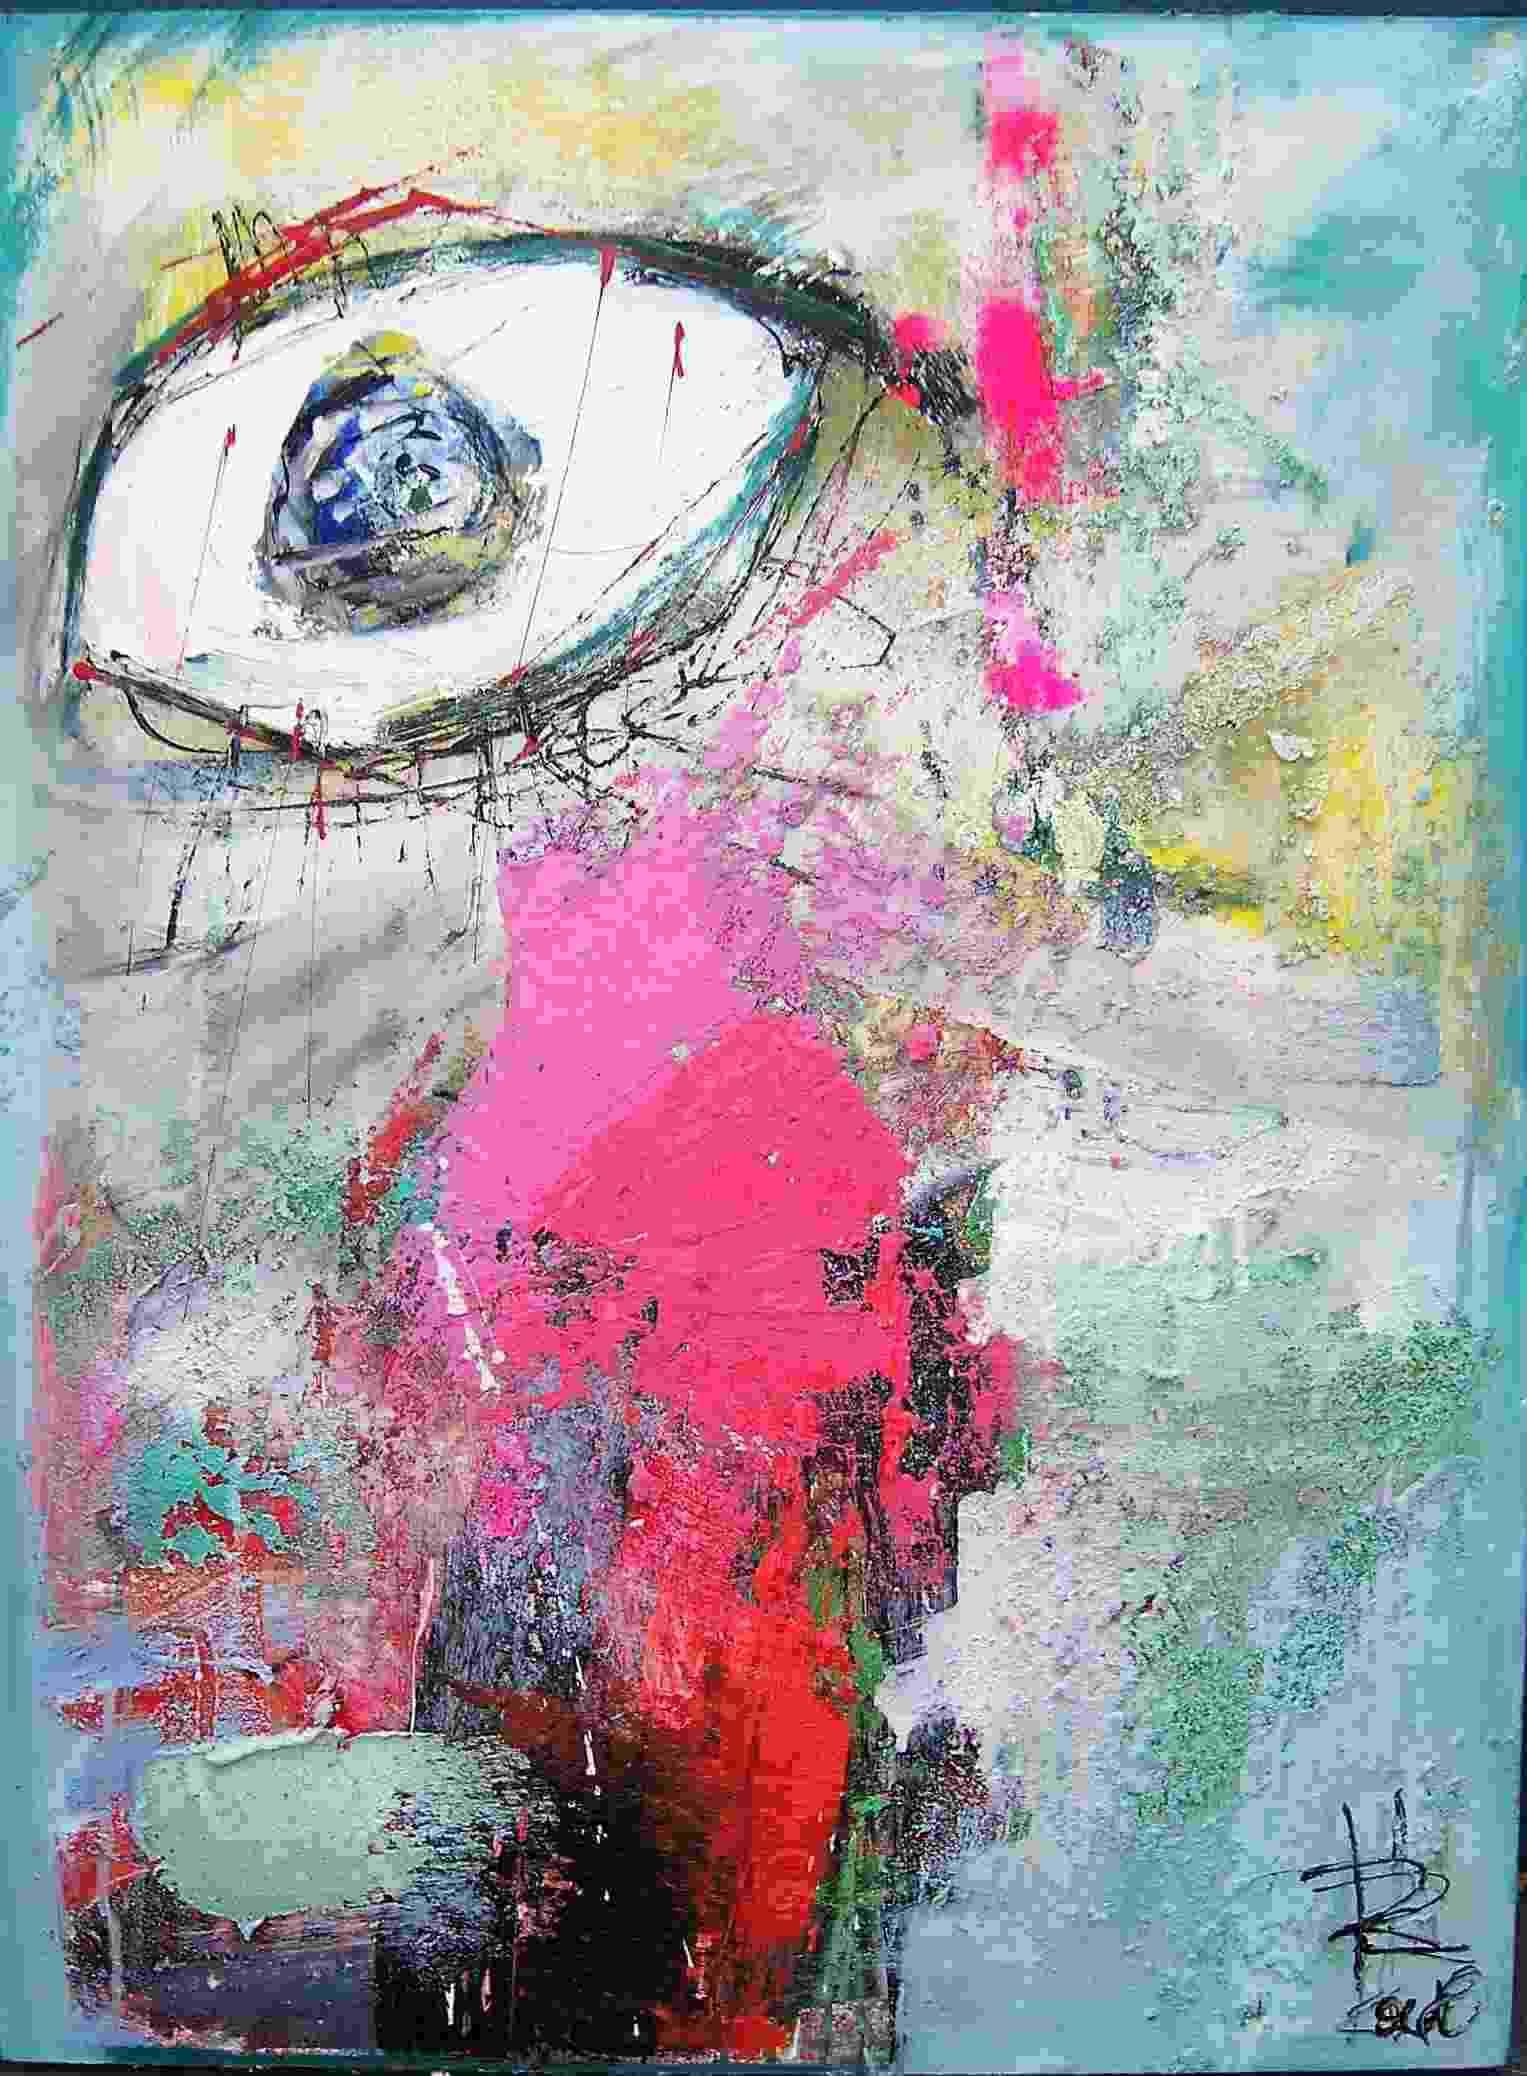 Das Göttliche Auge 2018